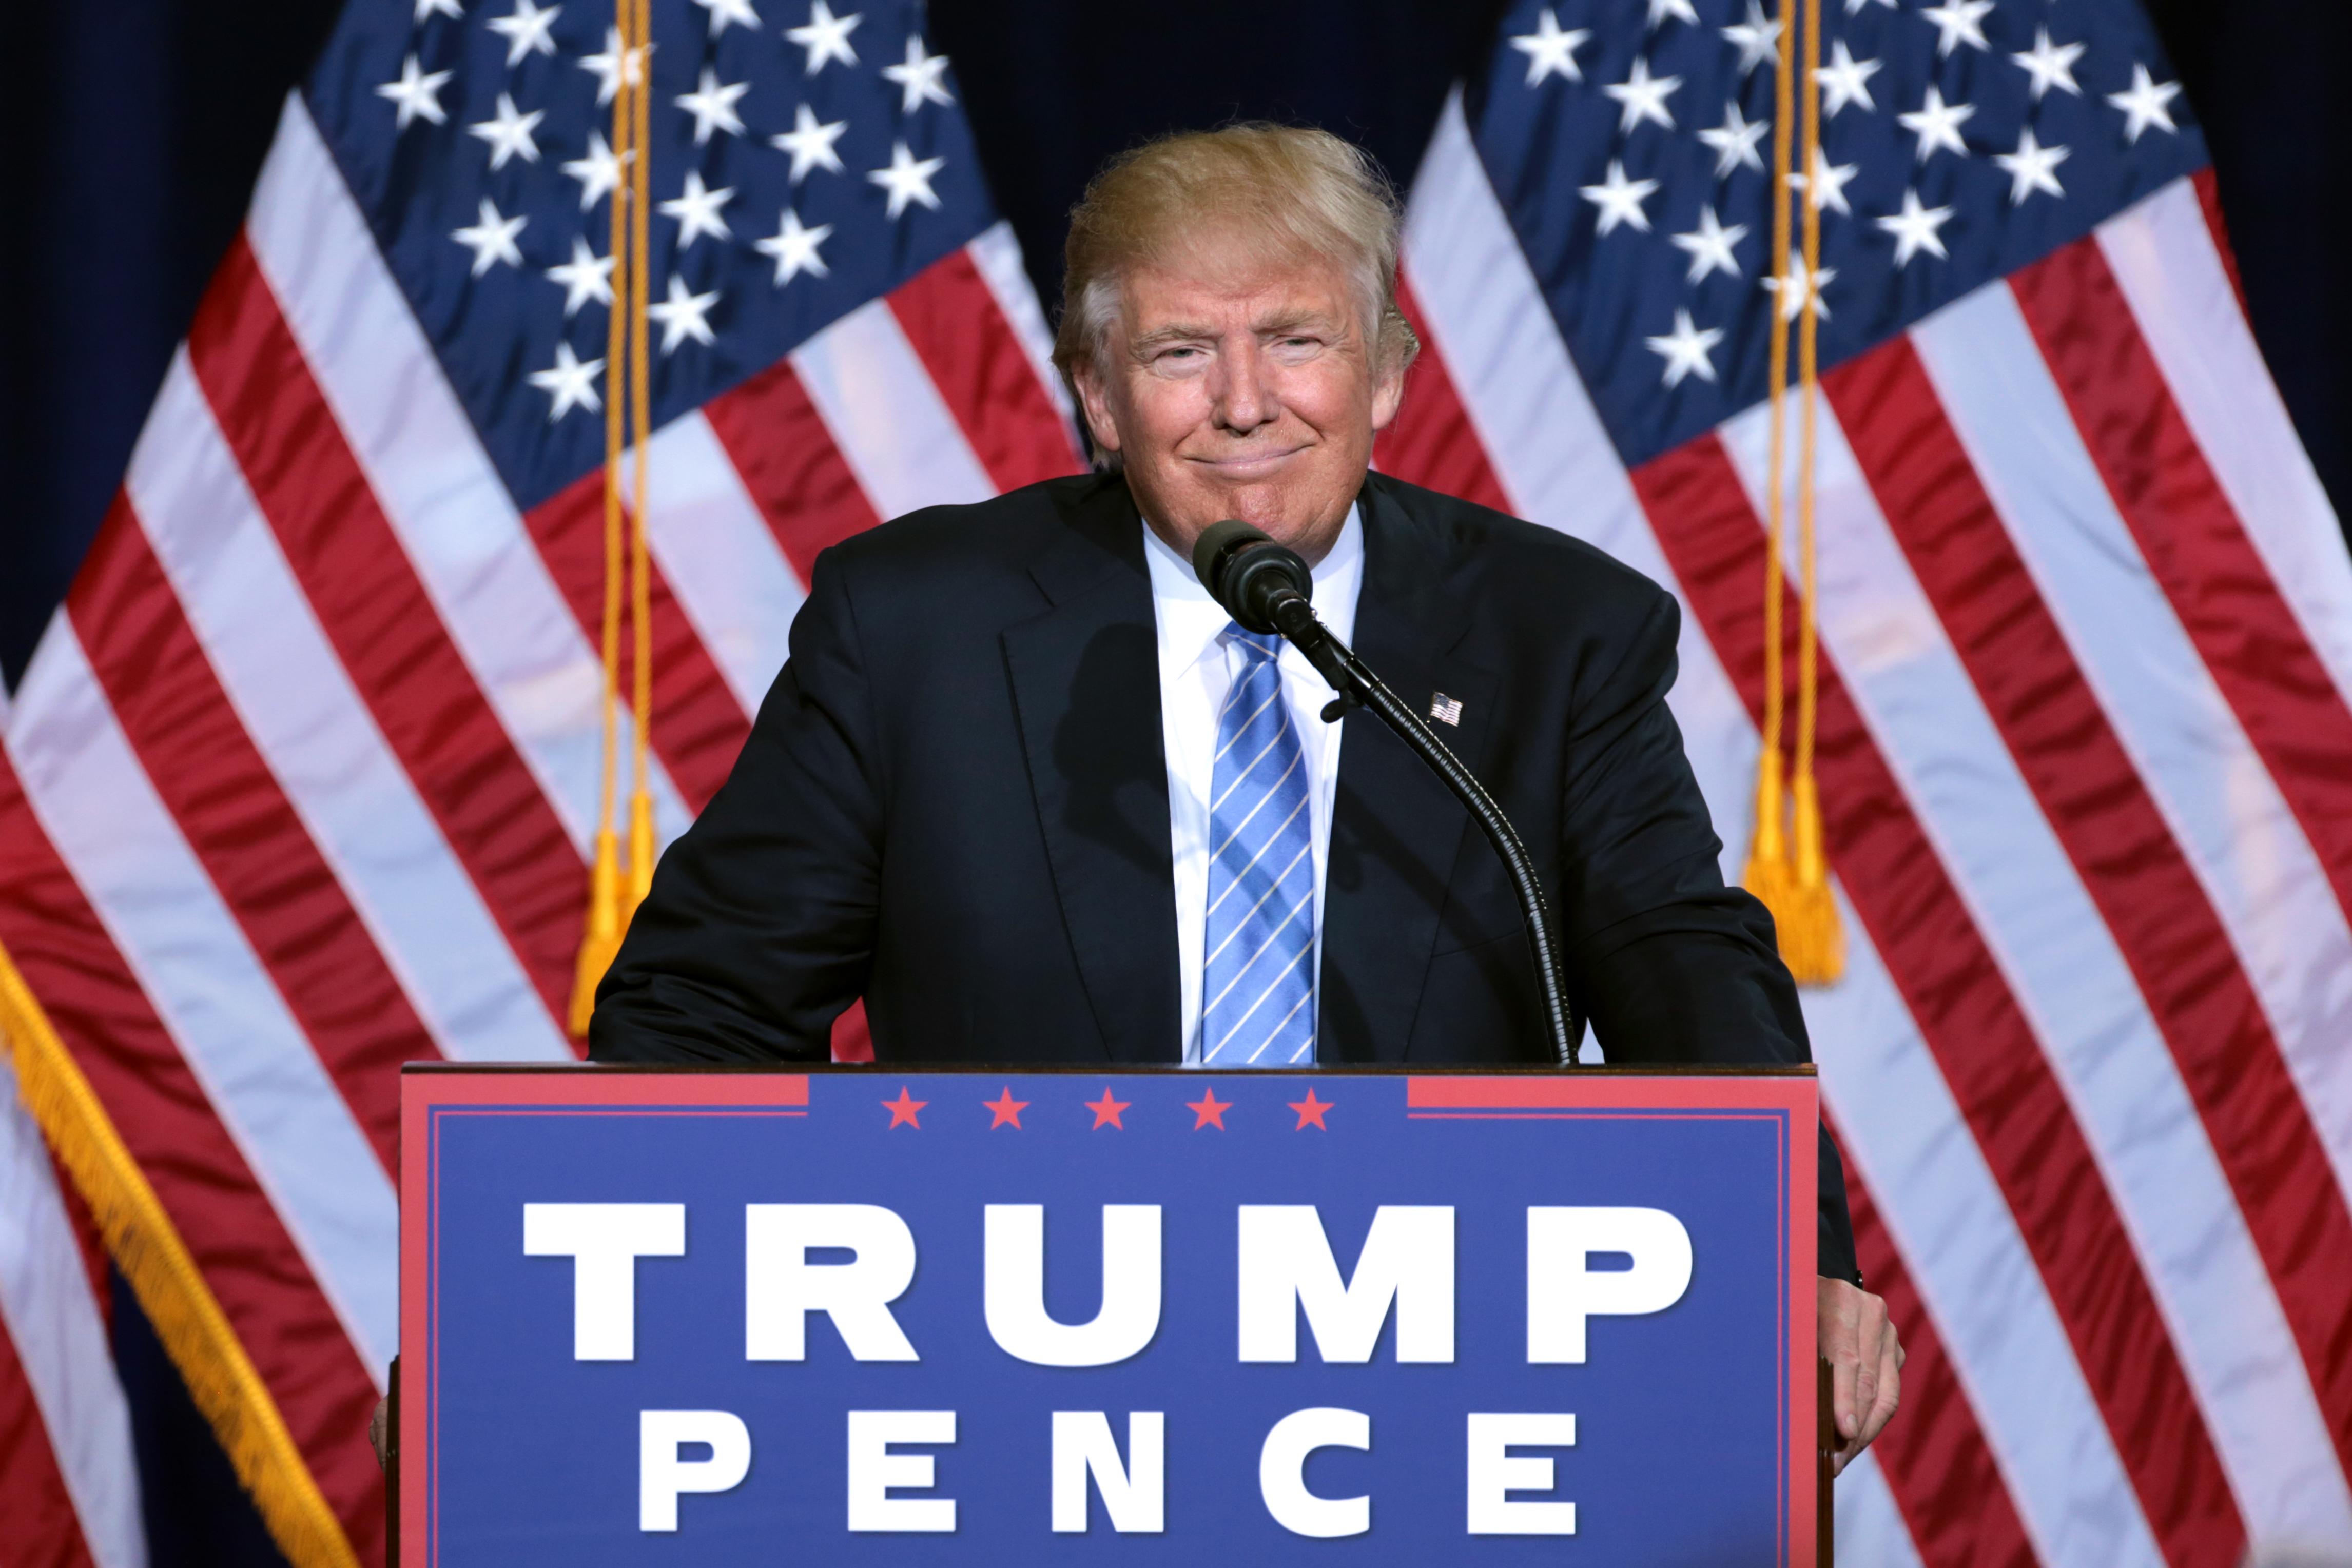 Trump sotto attacco: testate giornalistiche e star di Hollywood si scagliano contro il presidente